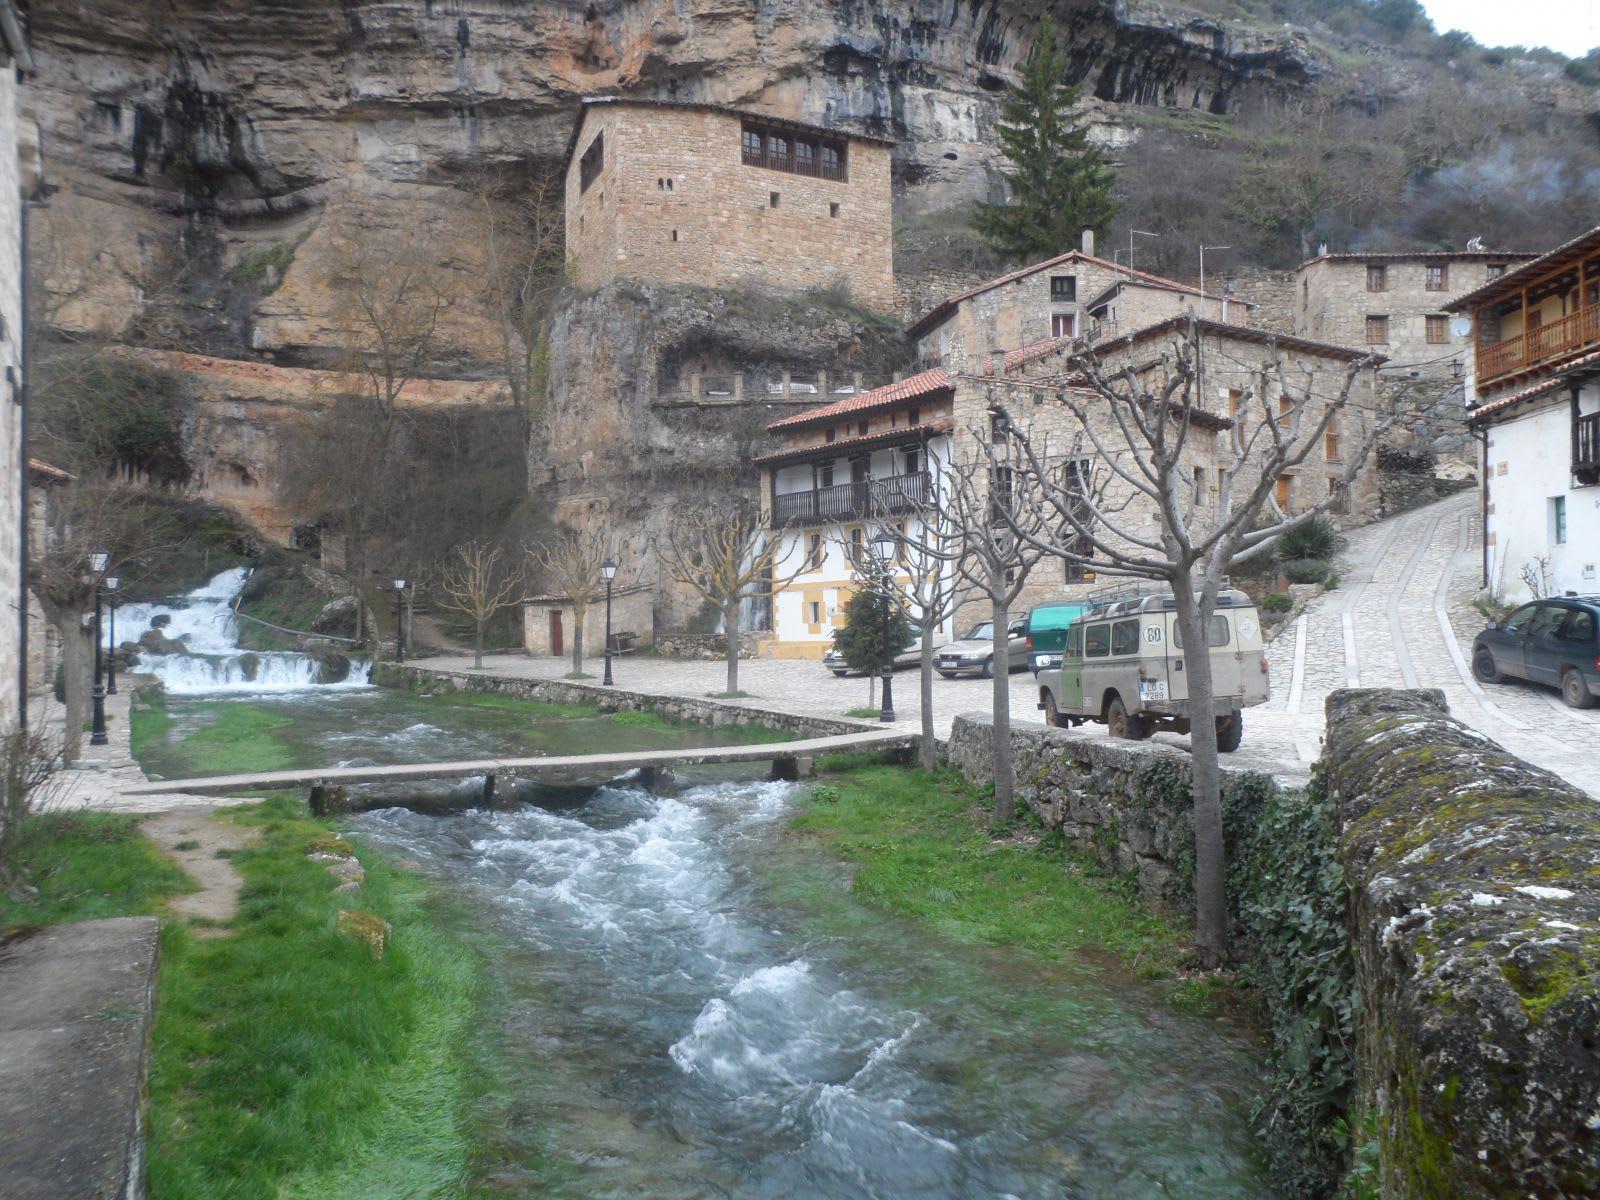 Orbaneja village